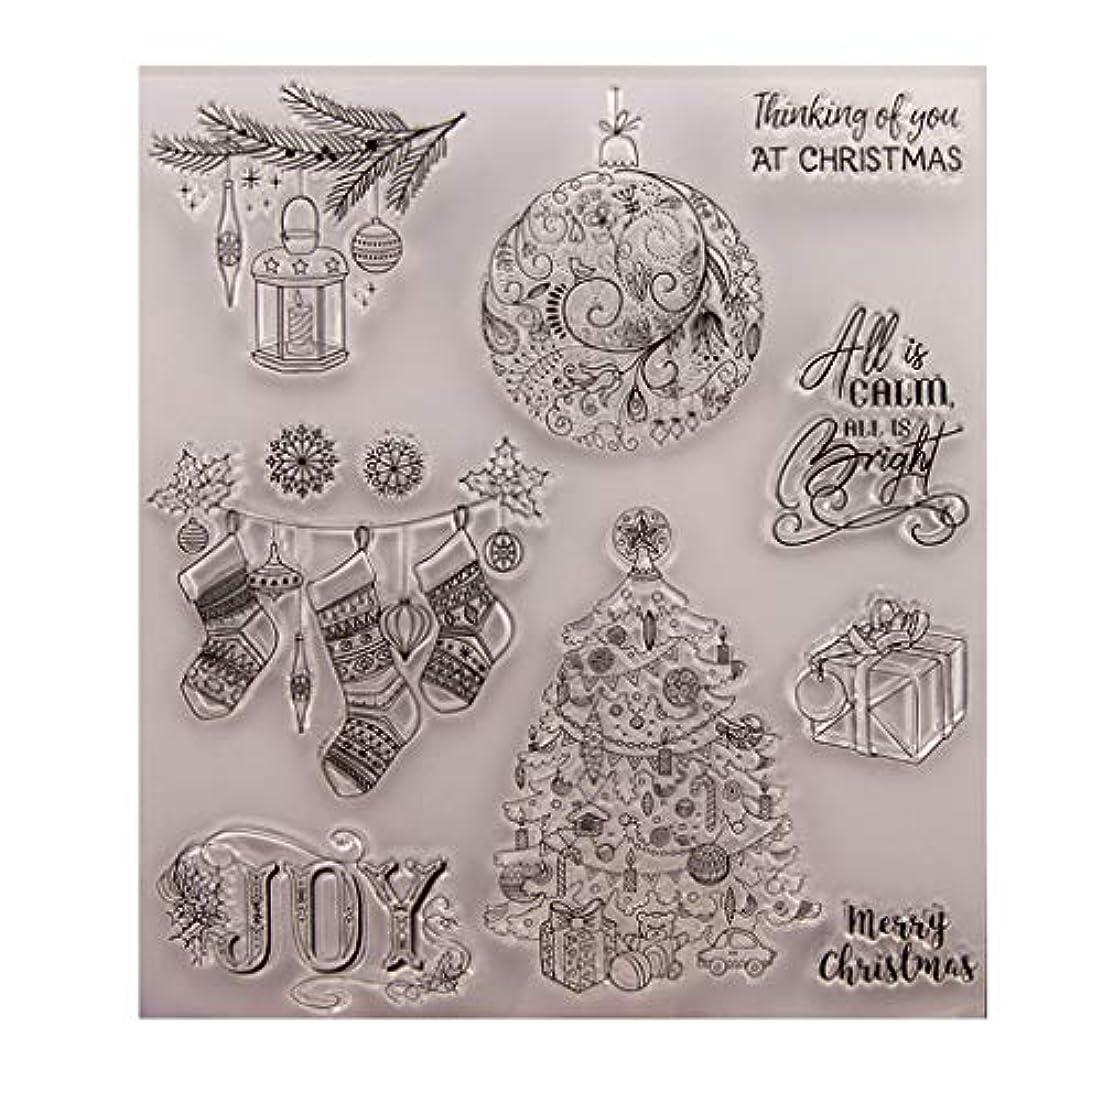 不注意ナチュラ生き返らせるBaoyouls クリスマスギフト、クリアスタンプ、透明クリエイティブバッジ画像ラバースタンプシールDIYアルバムクラフトスクラップブックデコレーション、カレンダー